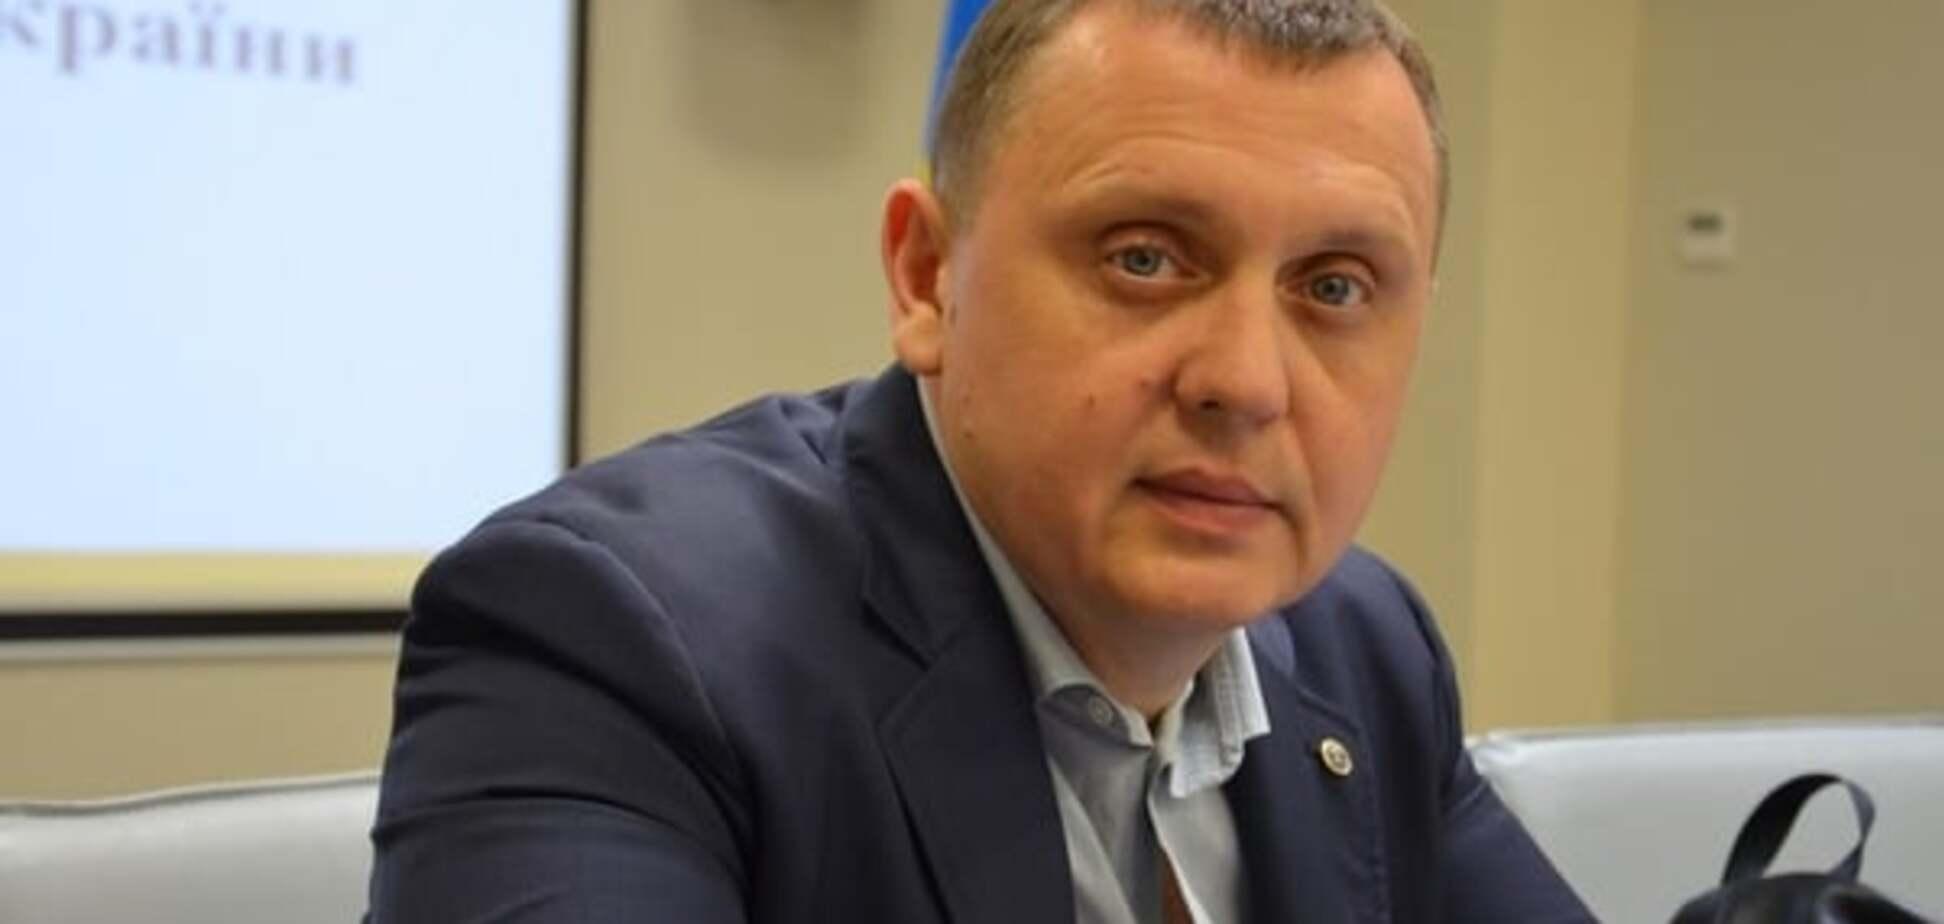 ГПУ вручила подозреваемому во взяточничестве Гречковскому вызов в суд